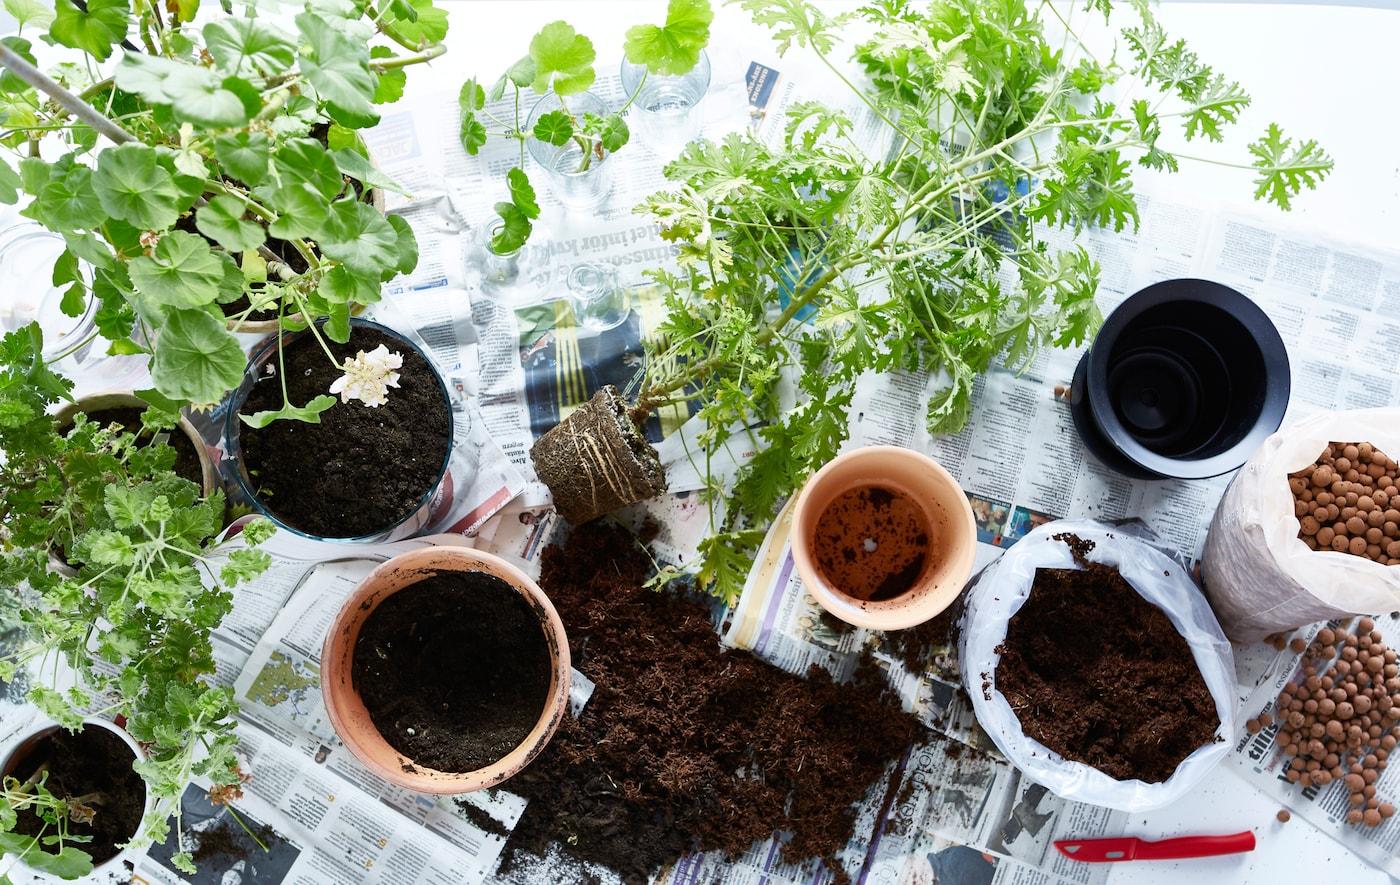 Plantes posées sur du papier journal, prêtes à être rempotées, vues d'en haut.